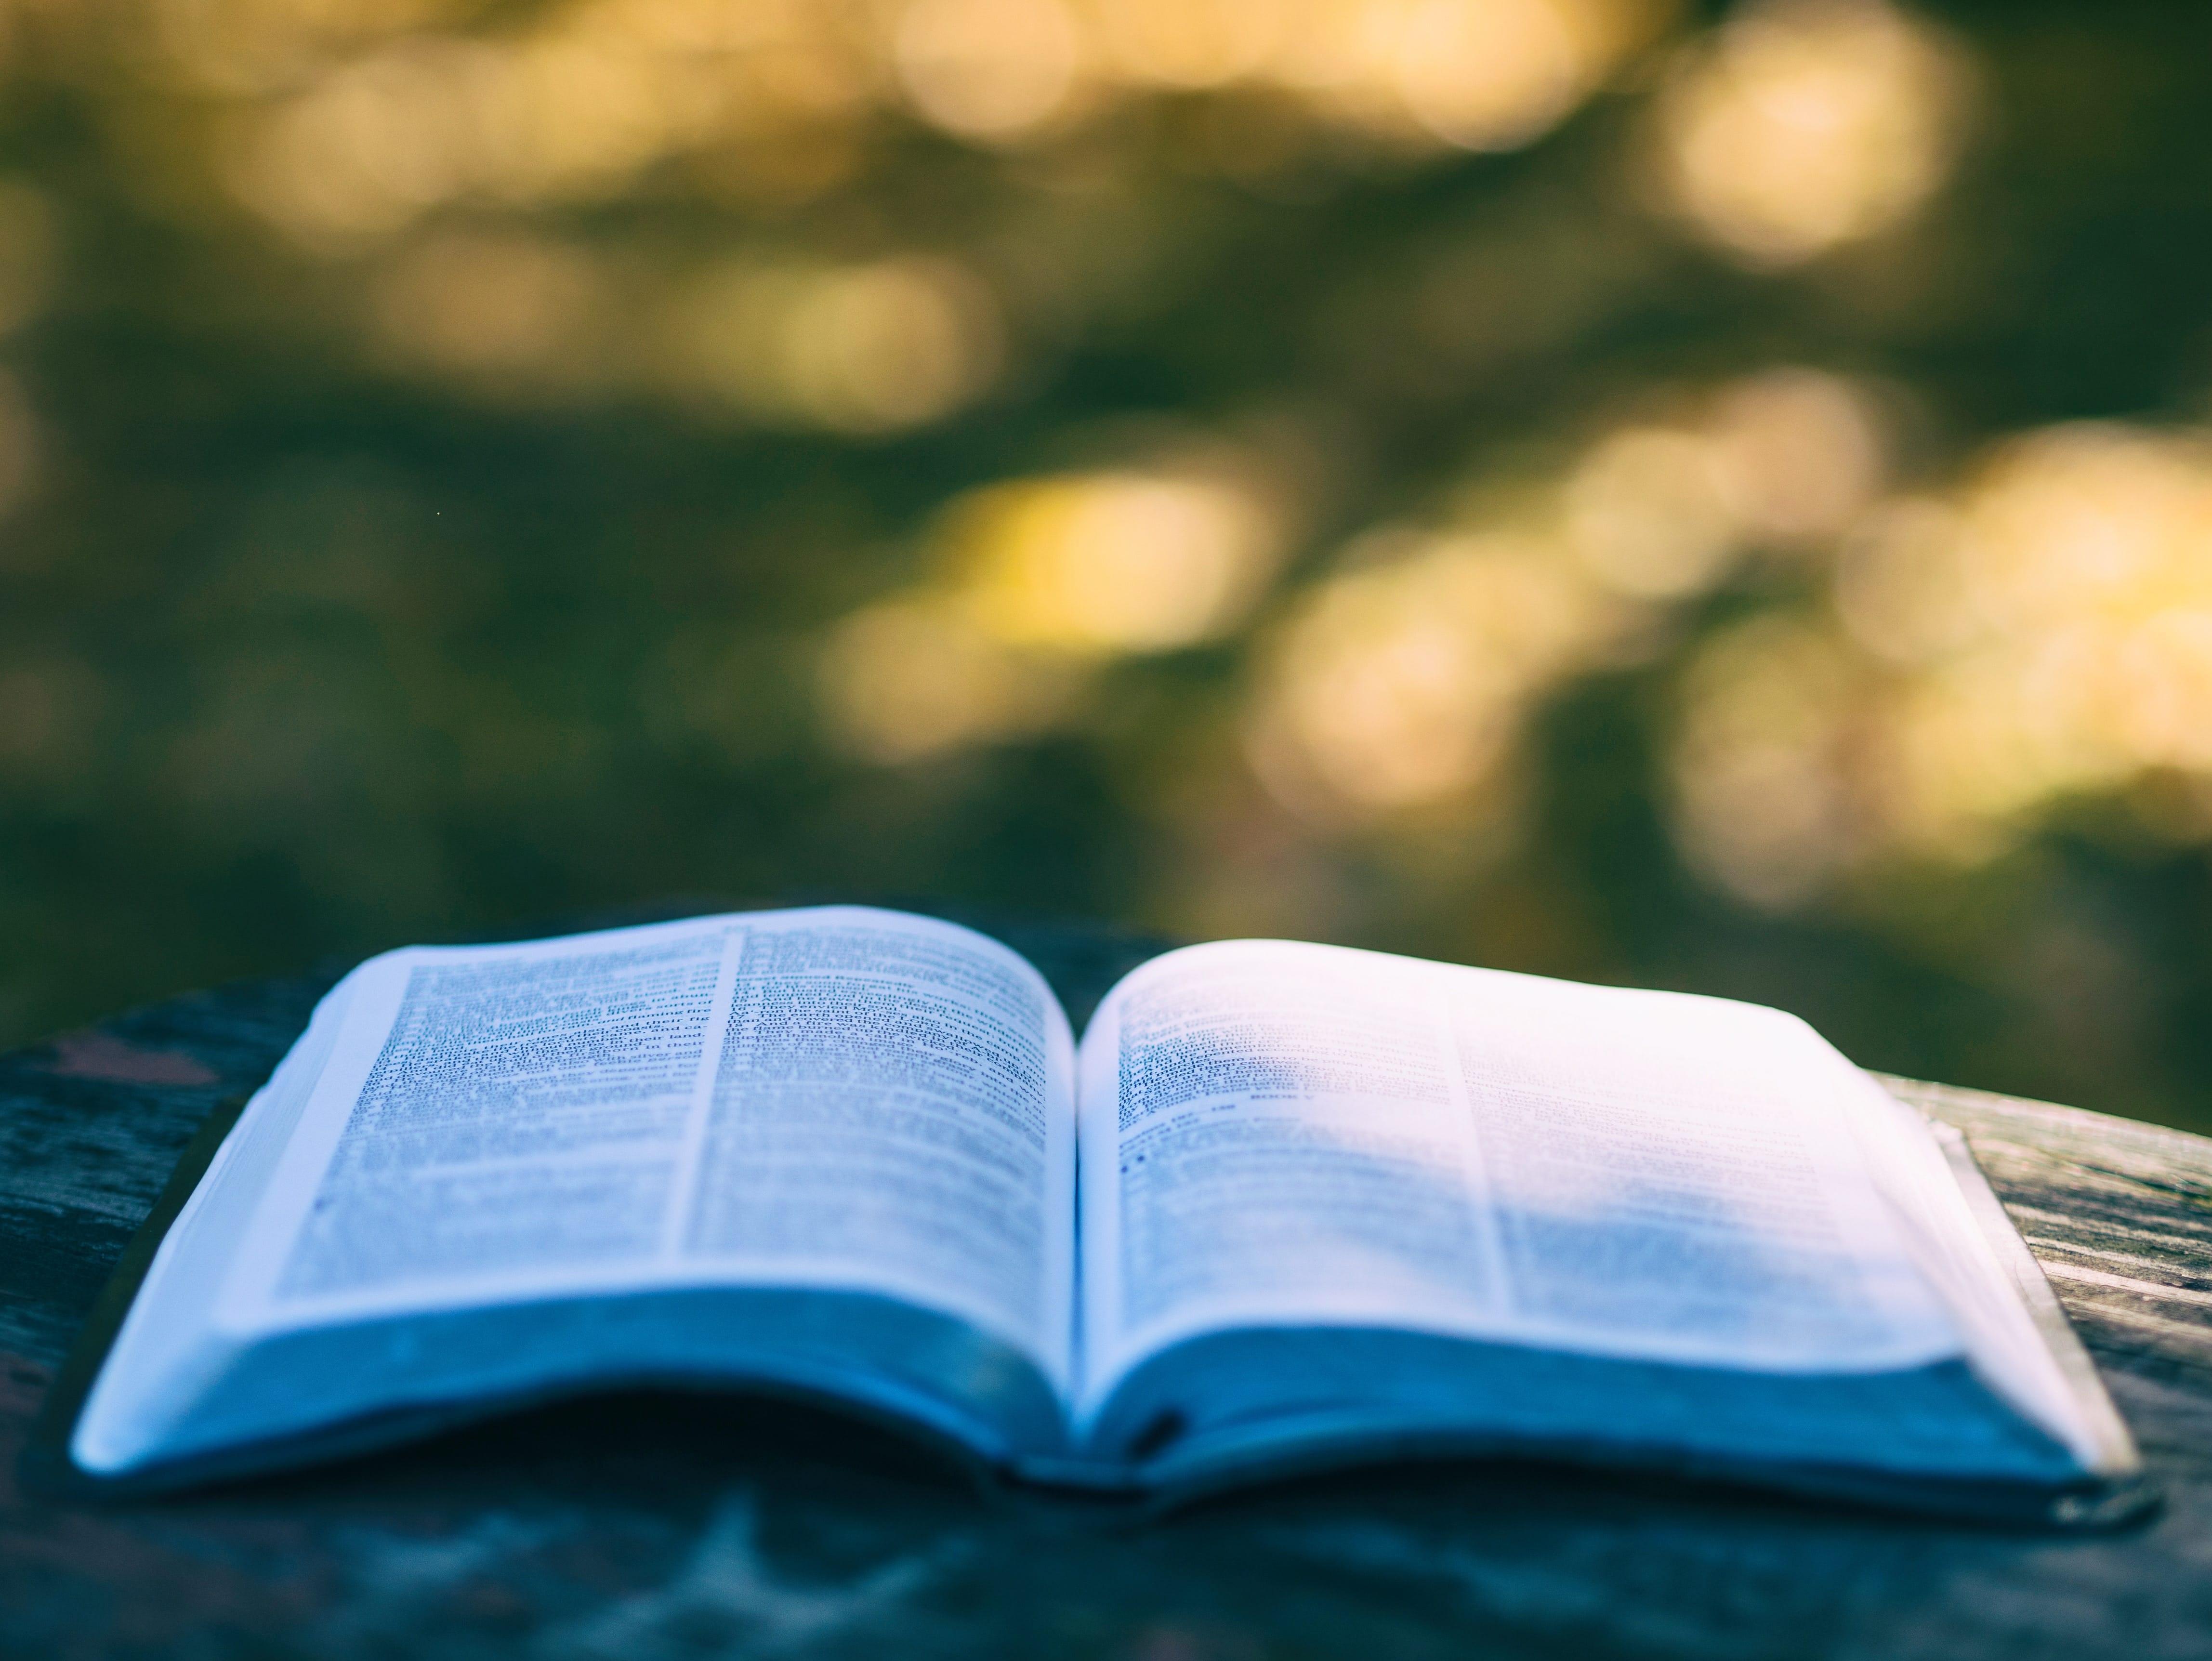 Wielka Księga Radości